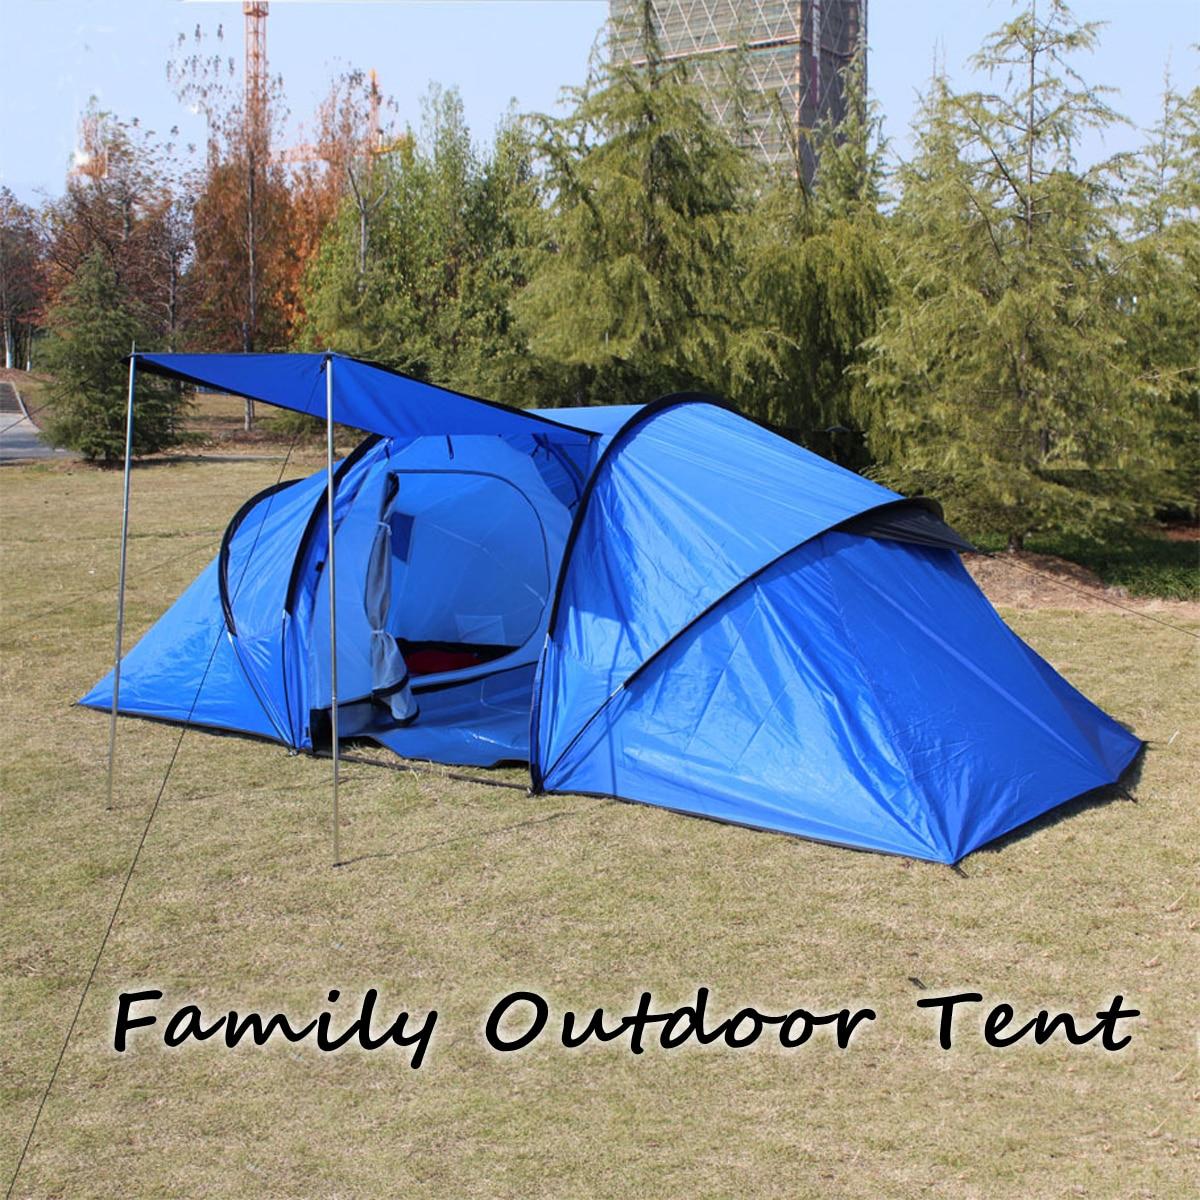 Nouveau 5-8 Personnes Tente de Camping Abri Extérieur Bleu Deux Chambres Super Grand Imperméable Tentes des Vacances en Famille